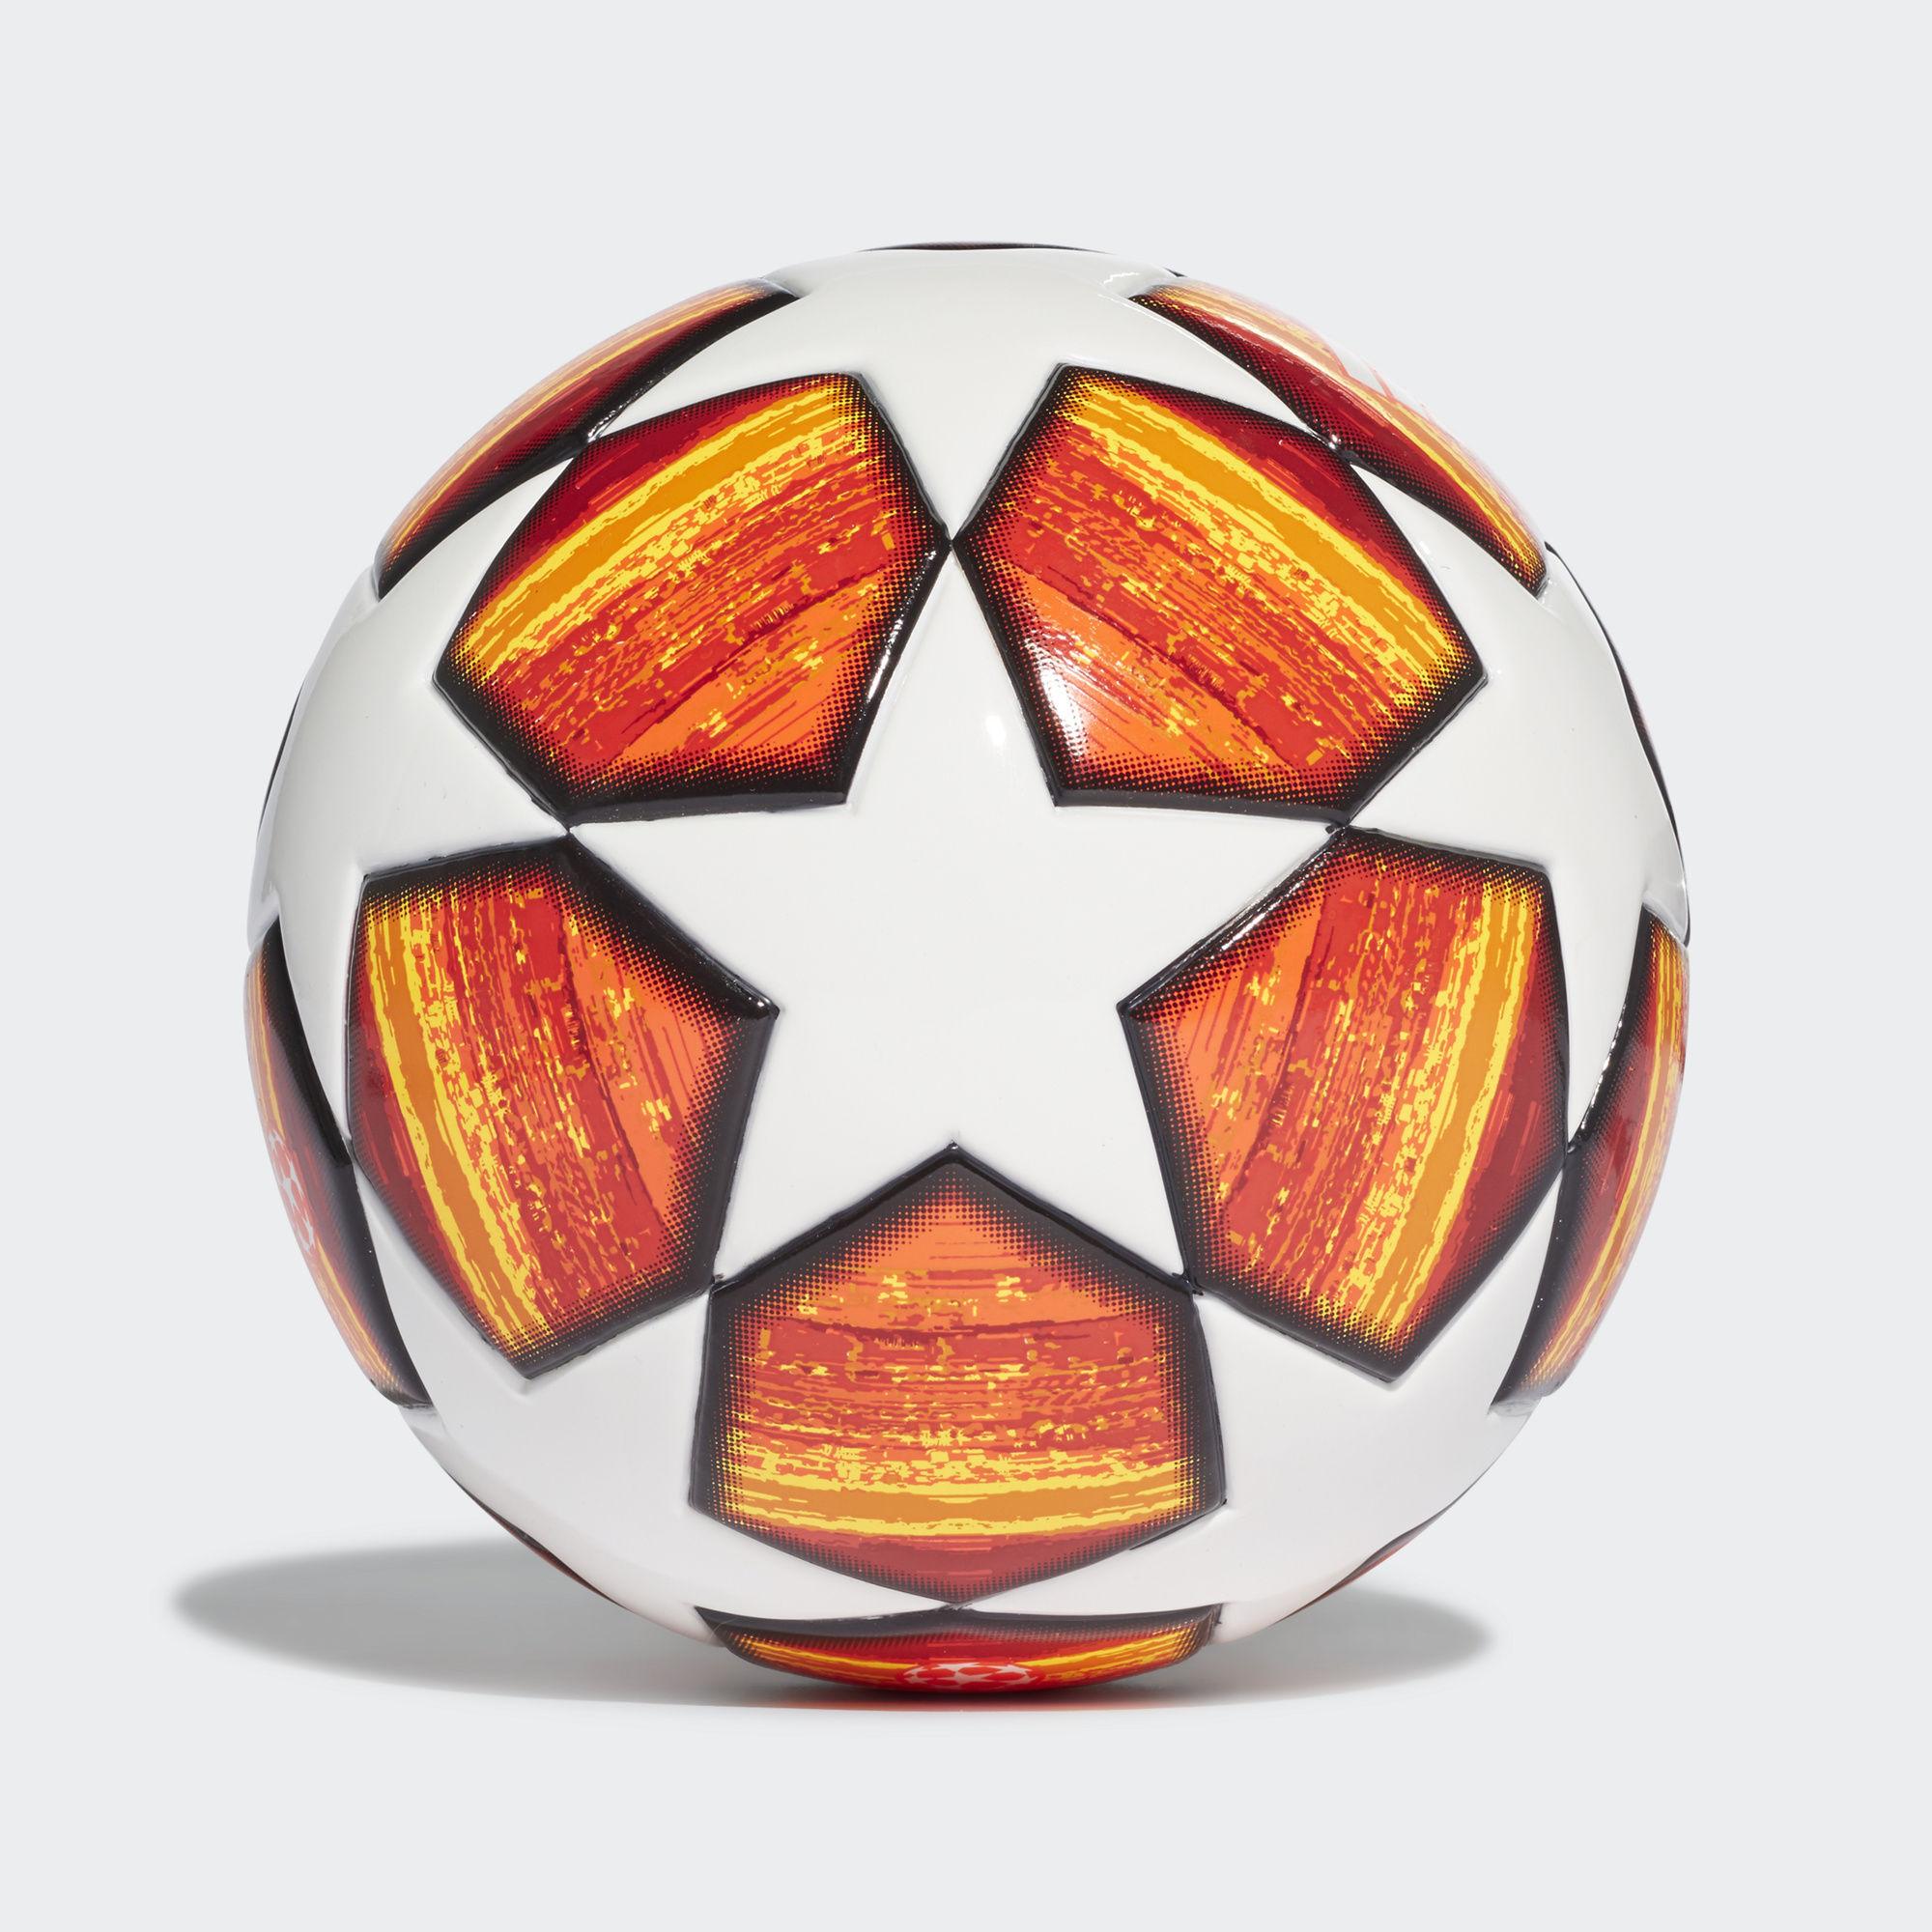 Футбольный мини-мяч Finale DN8684 adidas Performance - Украина ... 8e05b38b1d6b7